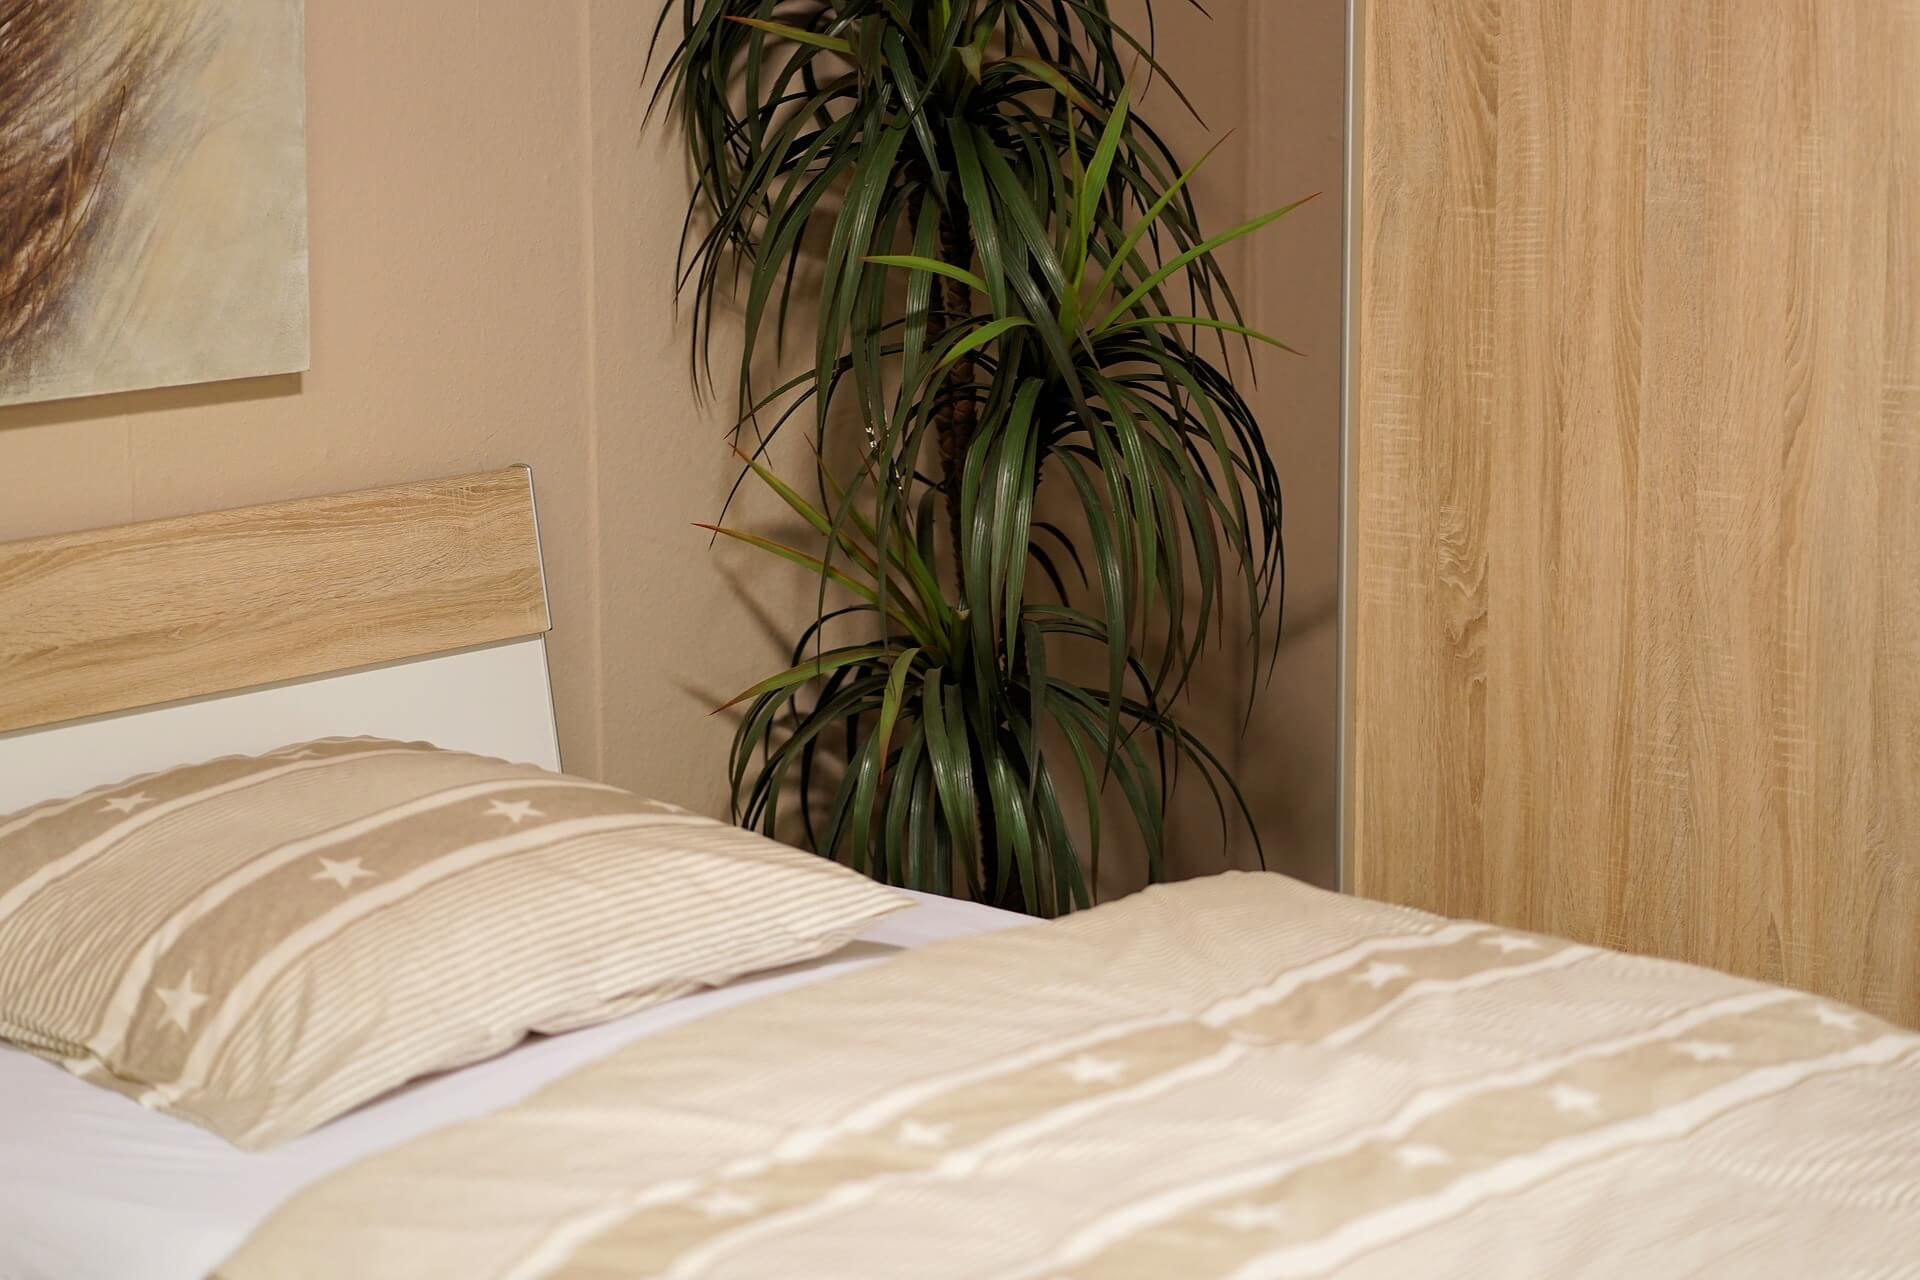 Pflanzen im Schlafzimmer - besserer Schlafkomfort? | Das ...